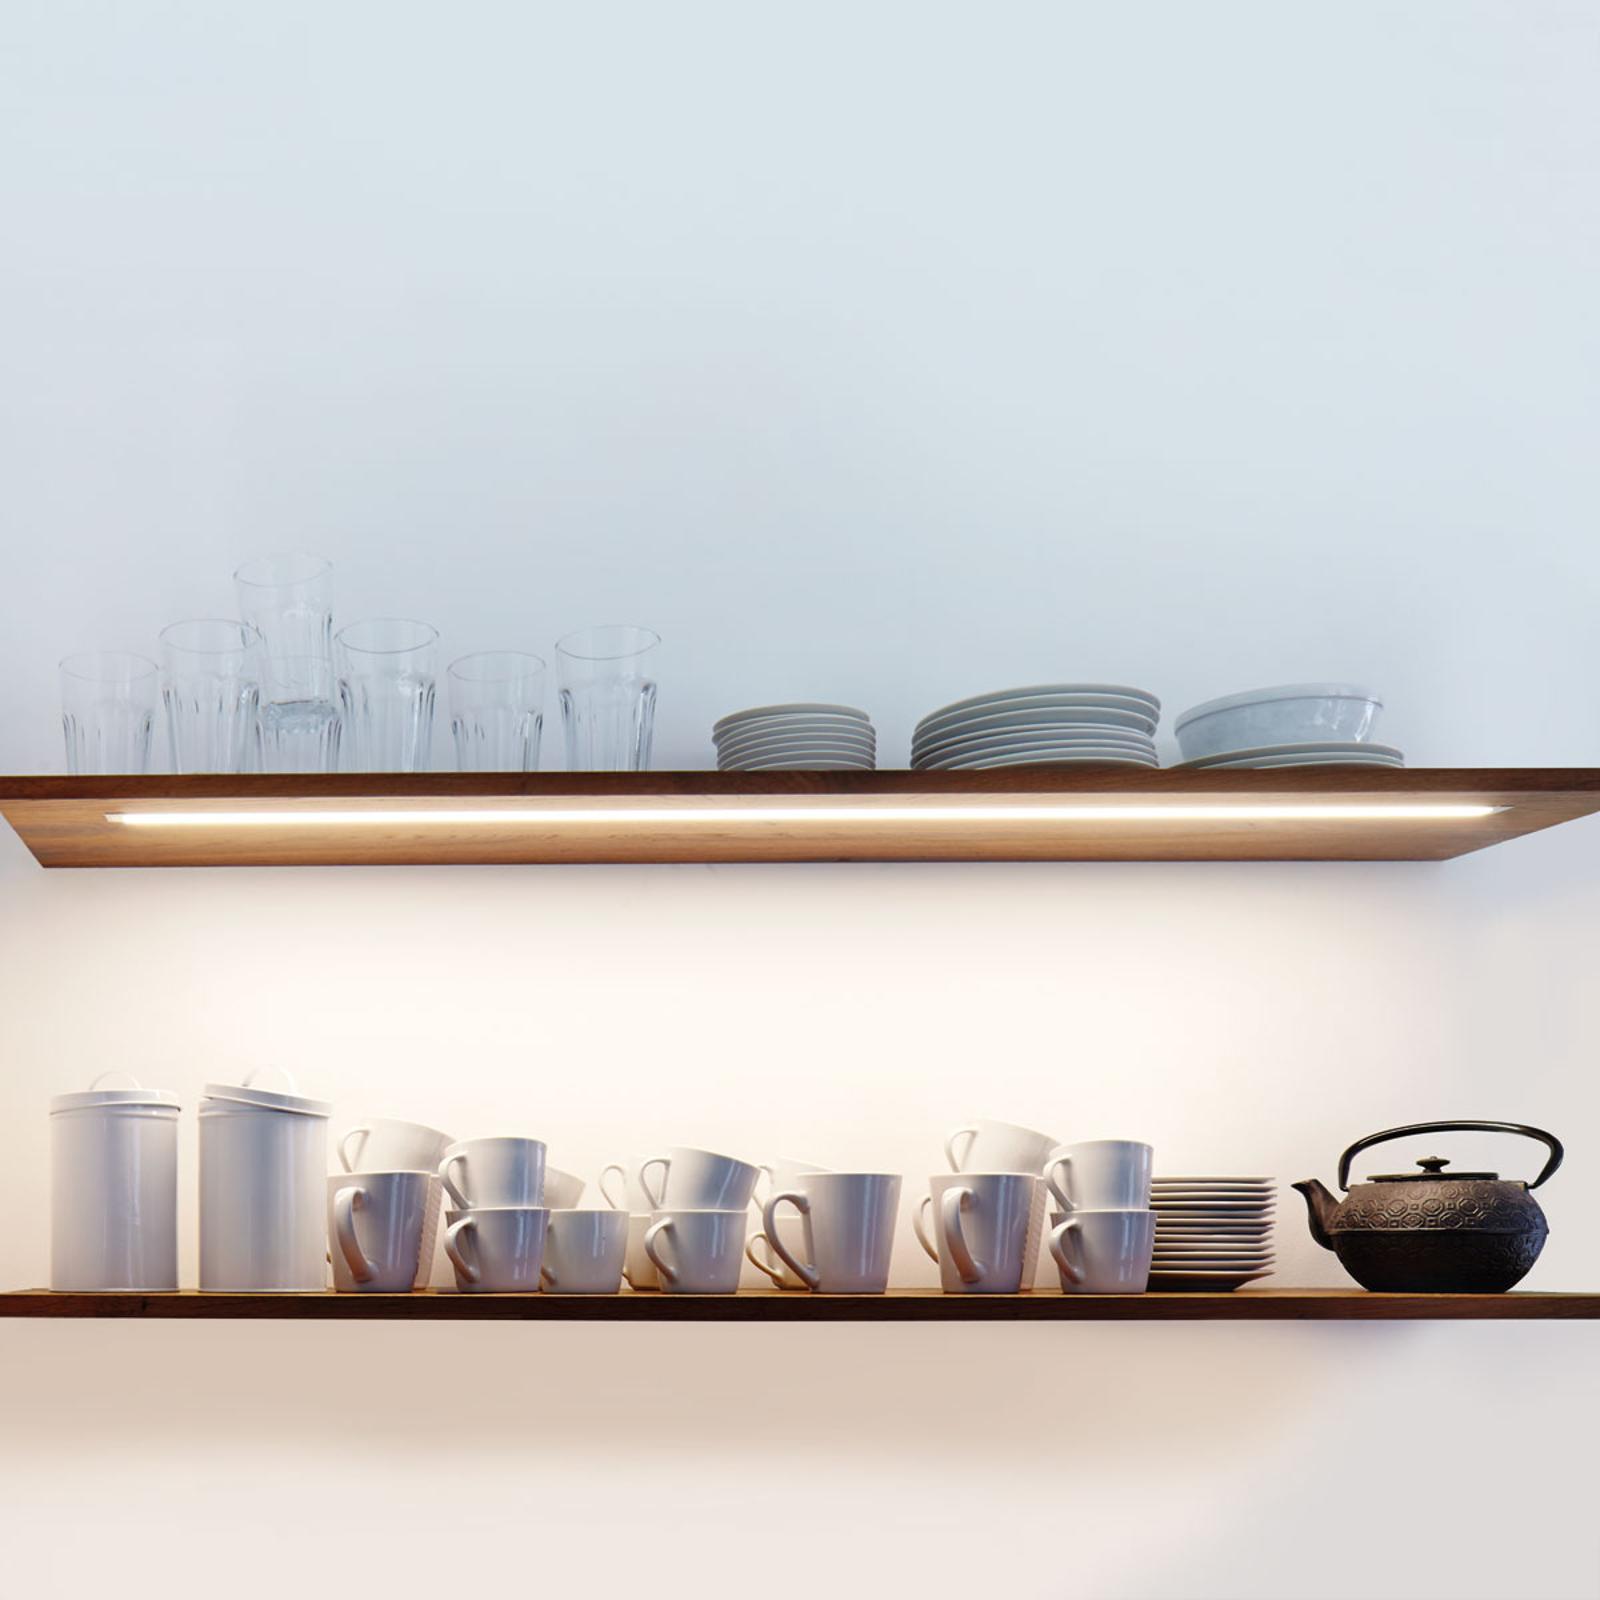 IN-Stick SF slank LED-indbygningslampe- 113cm lang